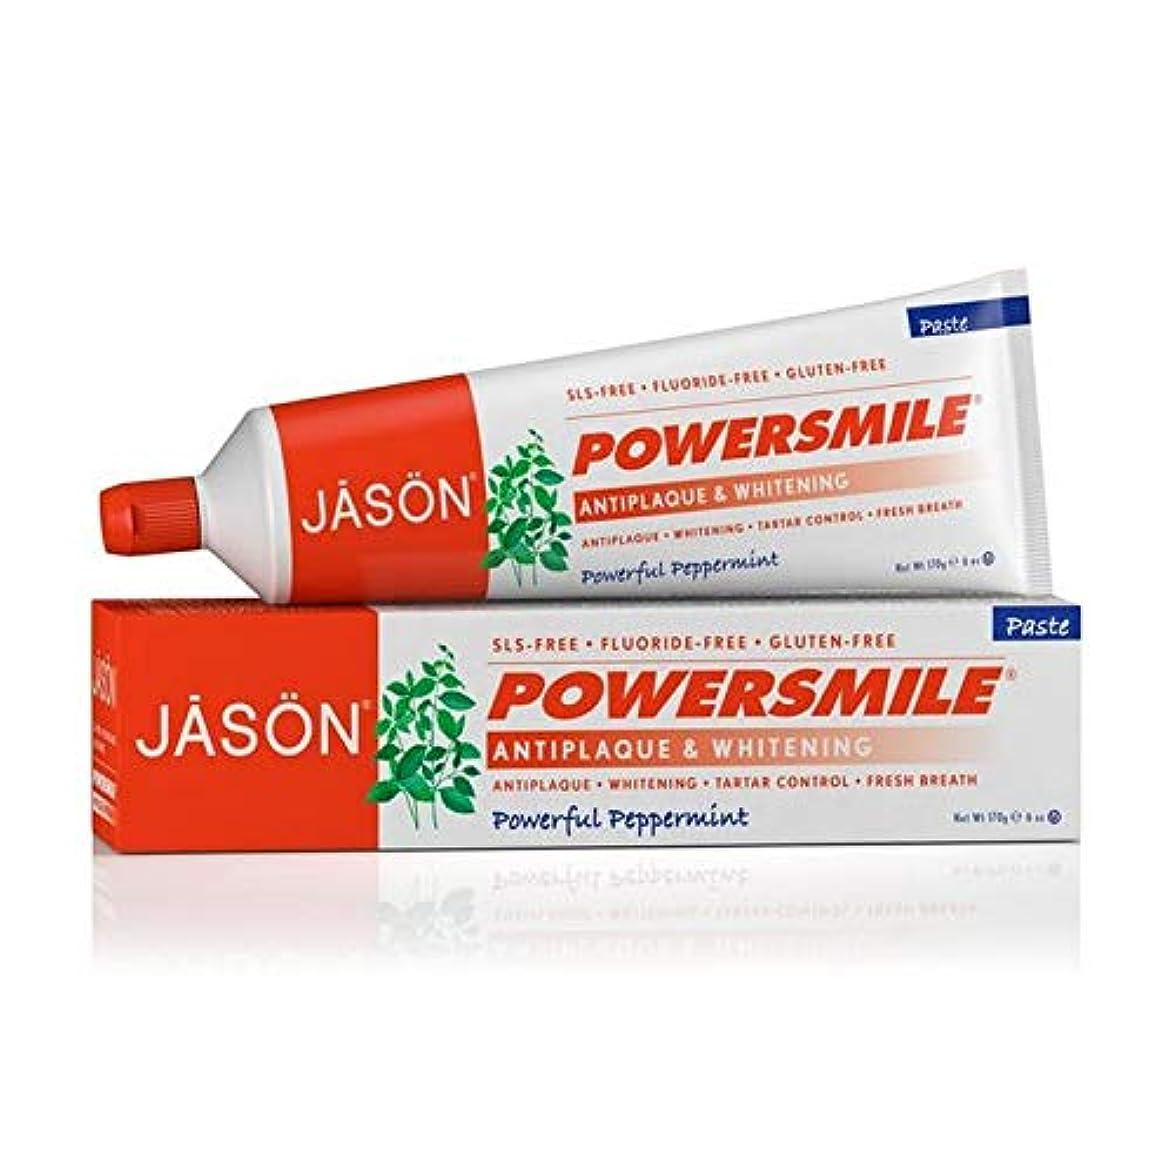 ブラウズ妖精報酬の[Jason ] ジェイソンPowersmile歯磨き粉の170グラム - Jason Powersmile Toothpaste 170g [並行輸入品]